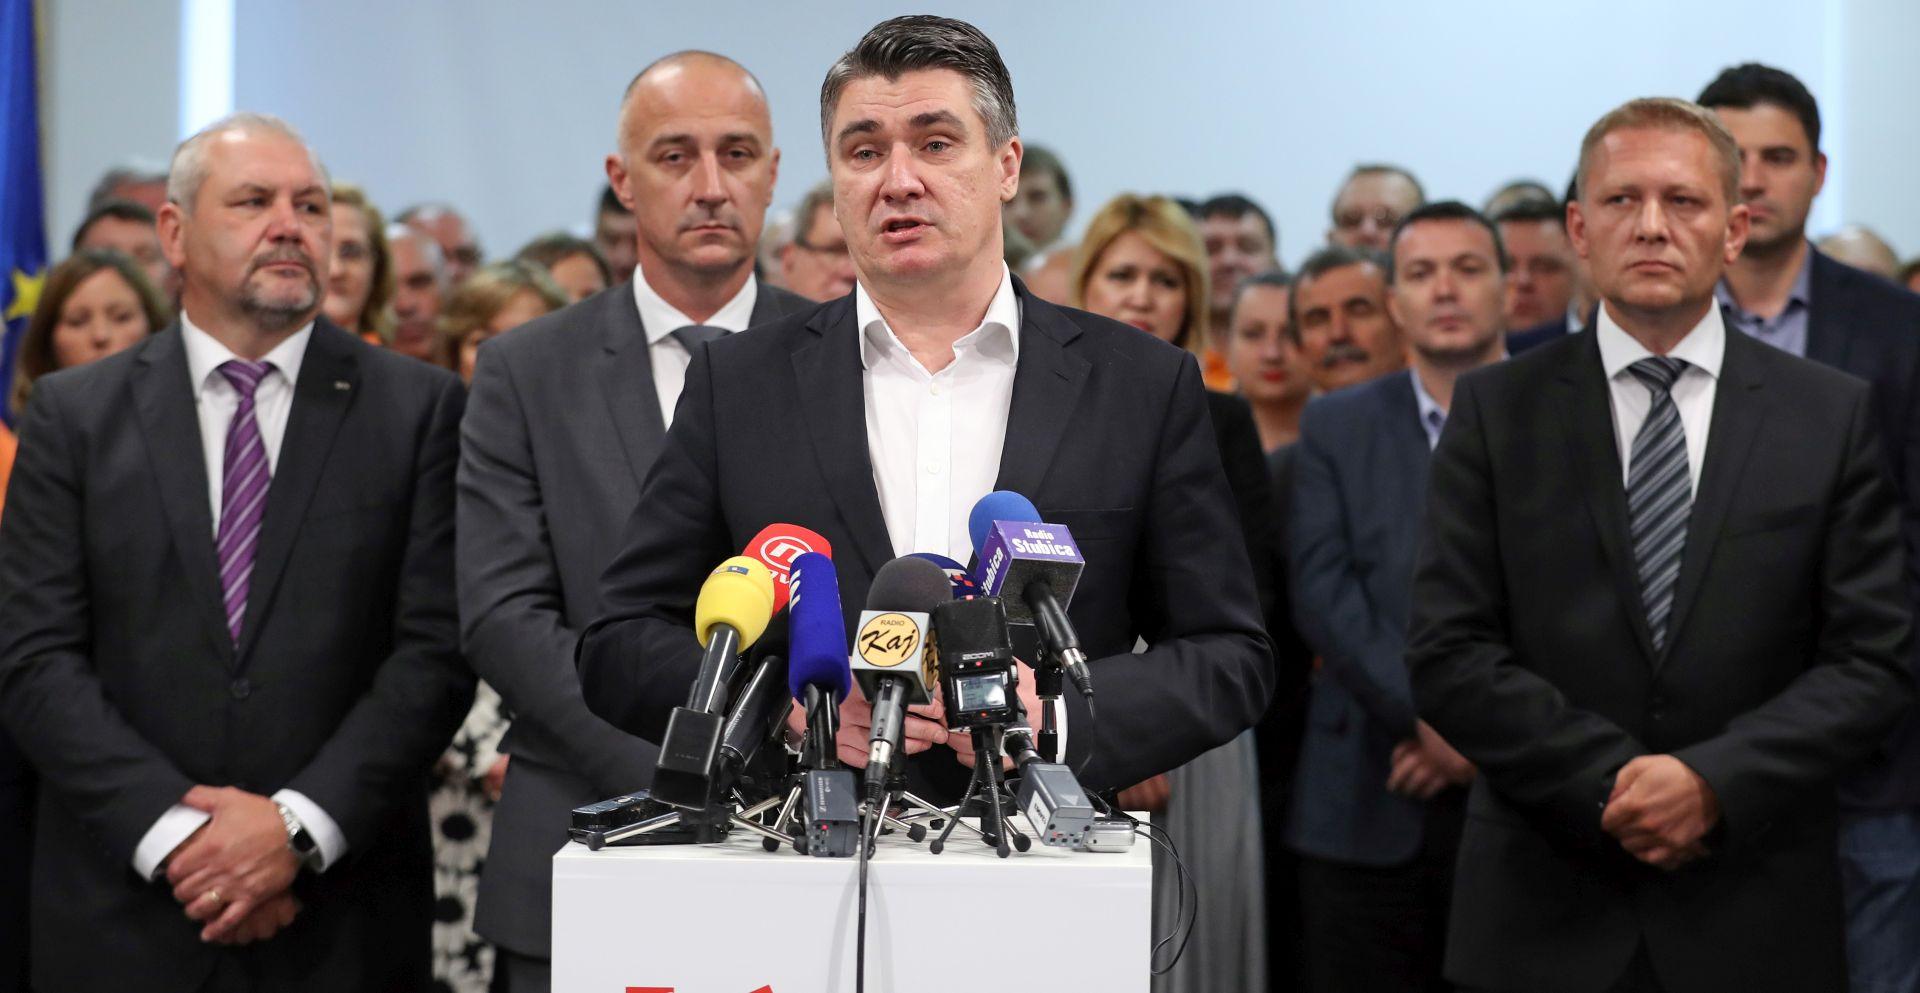 TELEVIZIJSKO SUČELJAVANJE: Milanović pristao na debatu prije tjedan dana, iz HDZ-a se još čeka odgovor